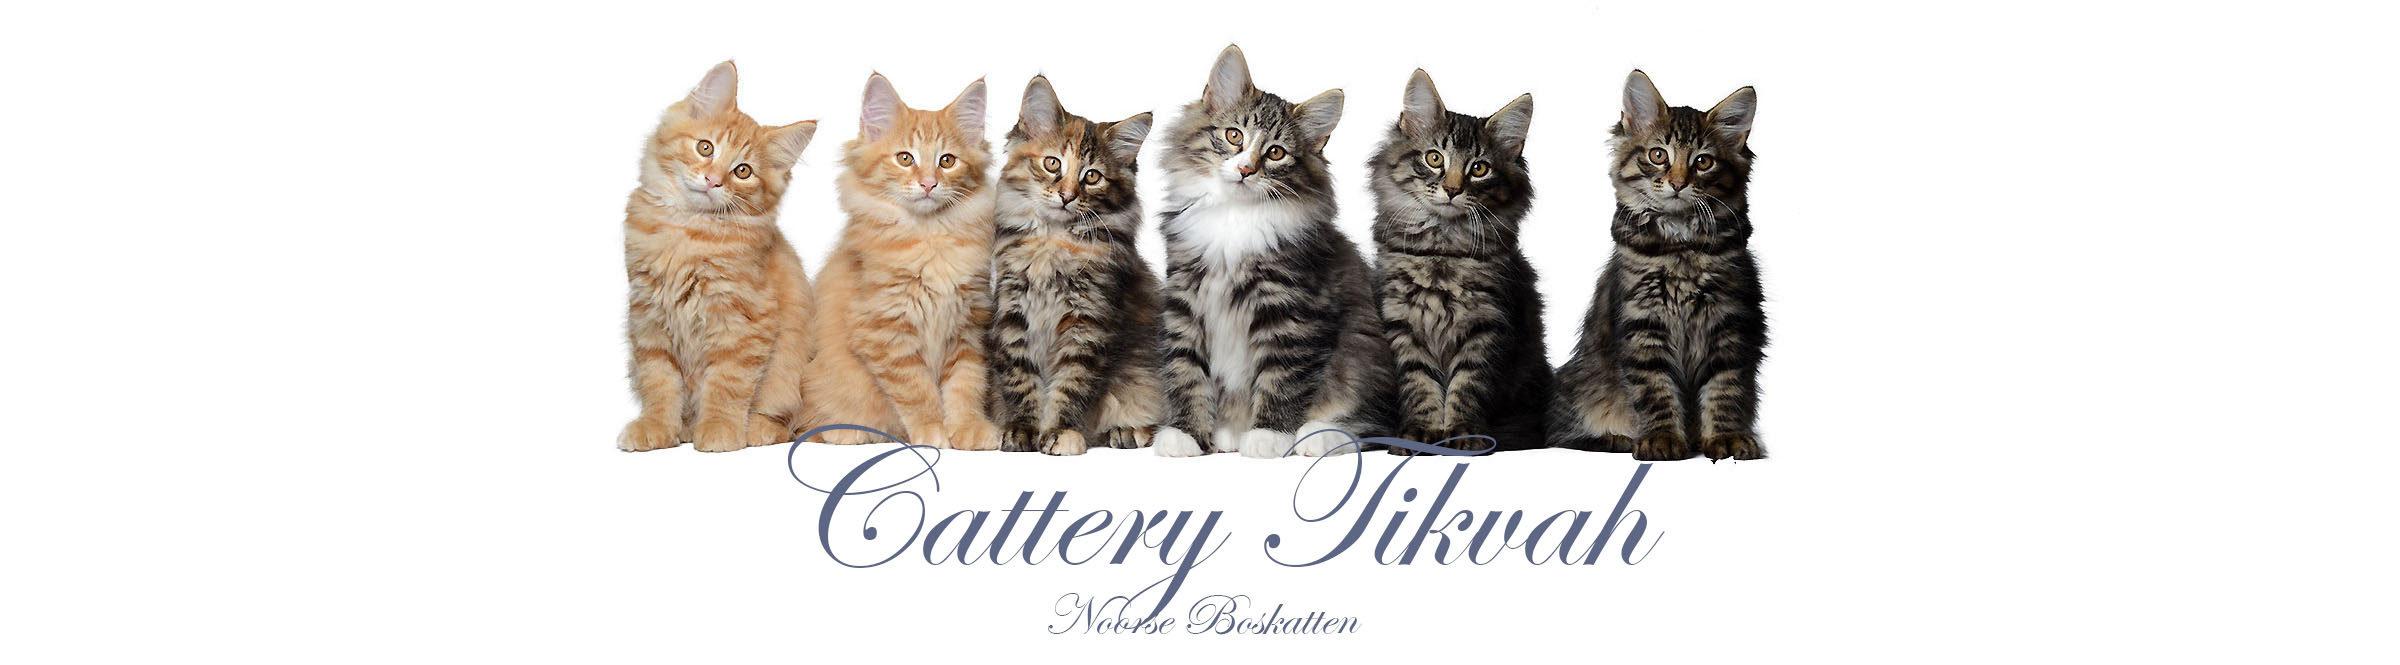 Cattery Tikvah